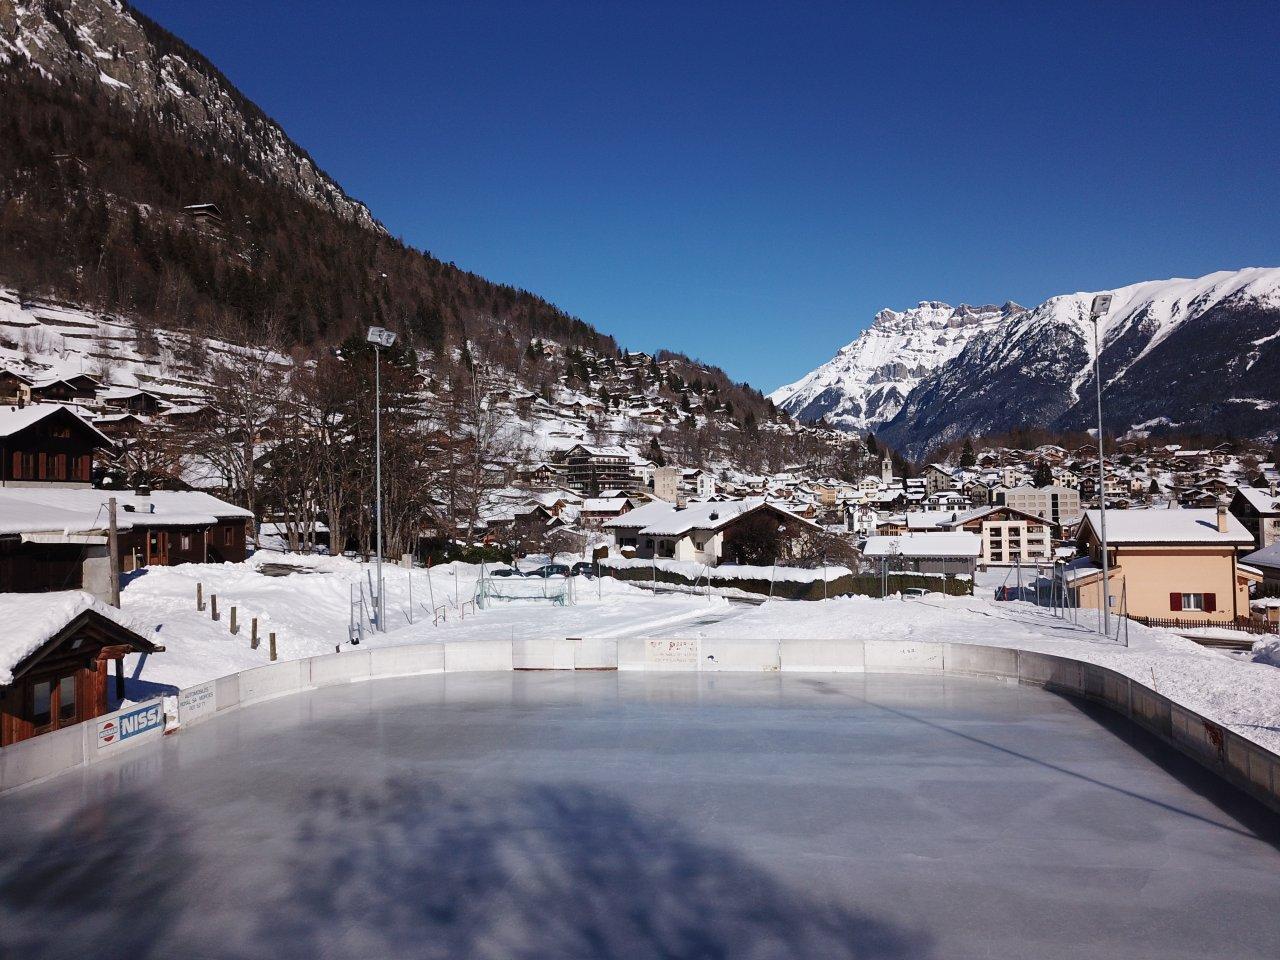 Eisbahn in Salvan